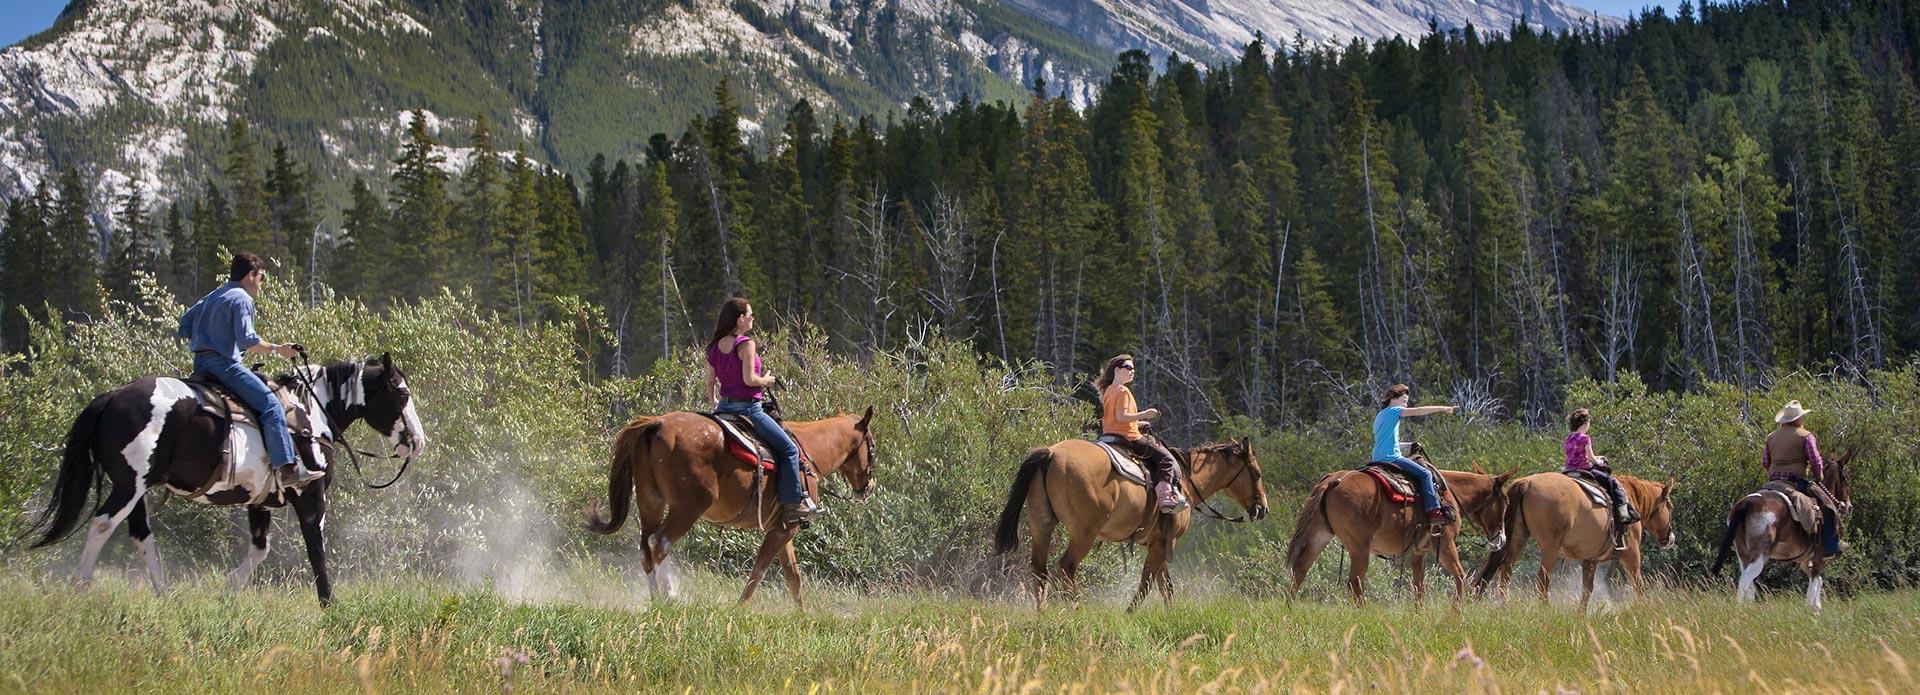 Paardrijden in de Rocky Mountains